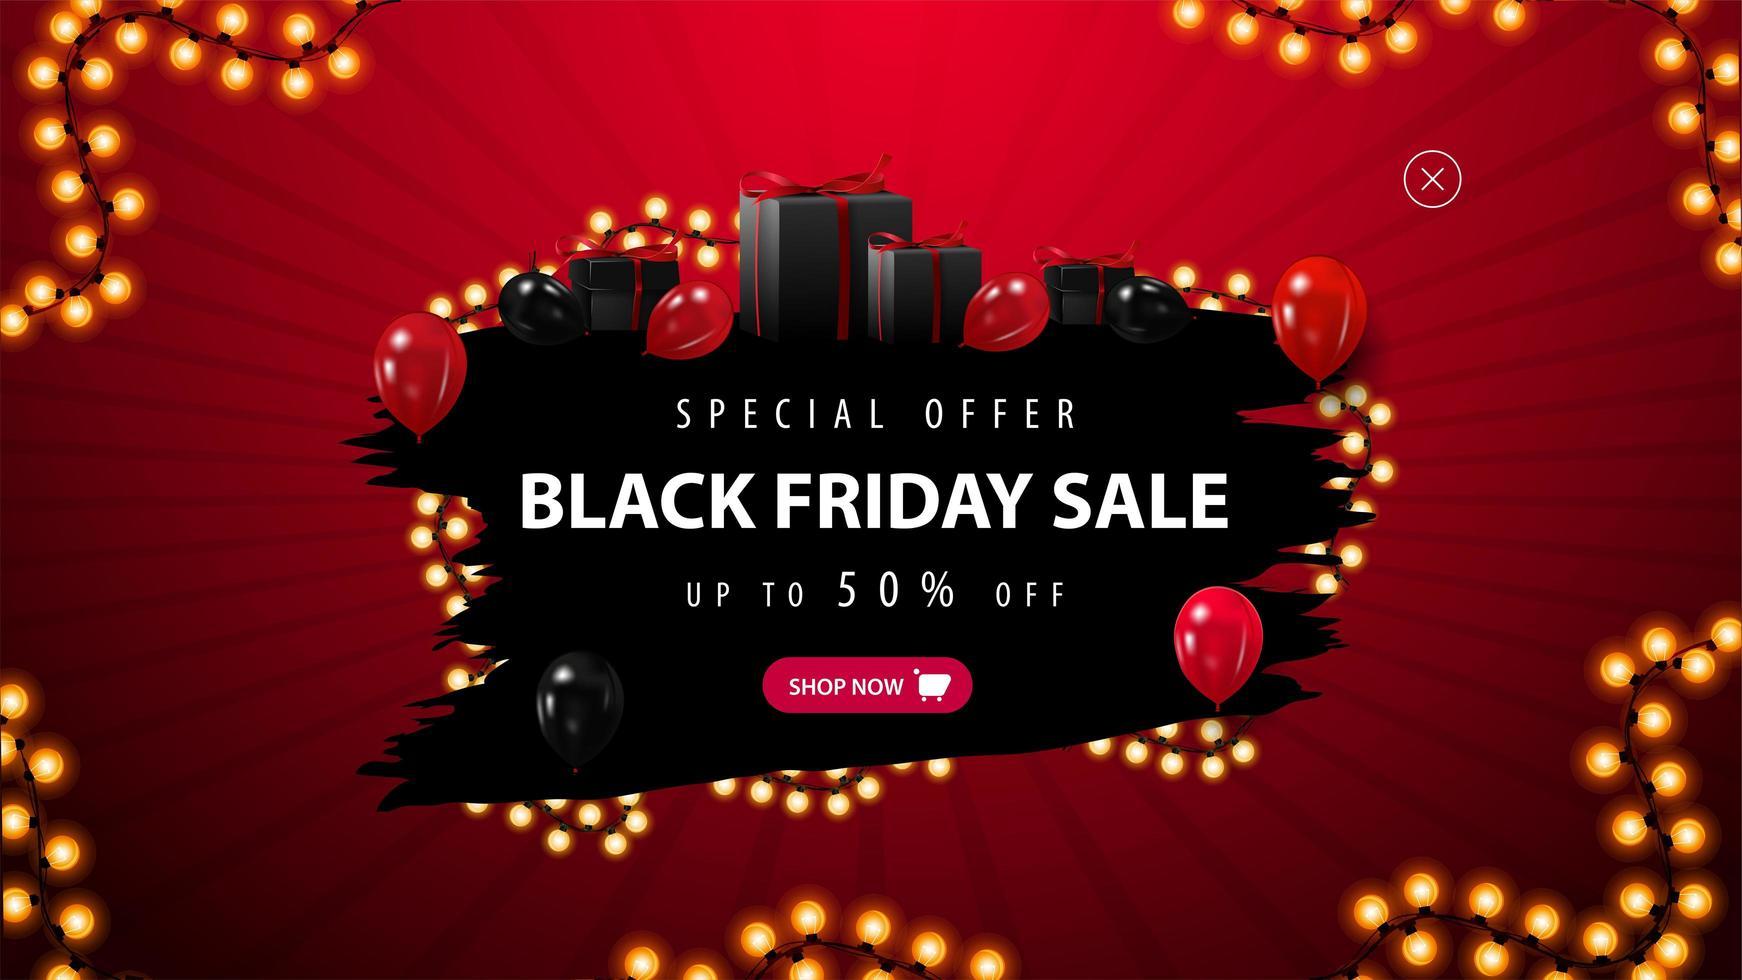 Oferta especial de viernes negro, banner rojo y negro. vector